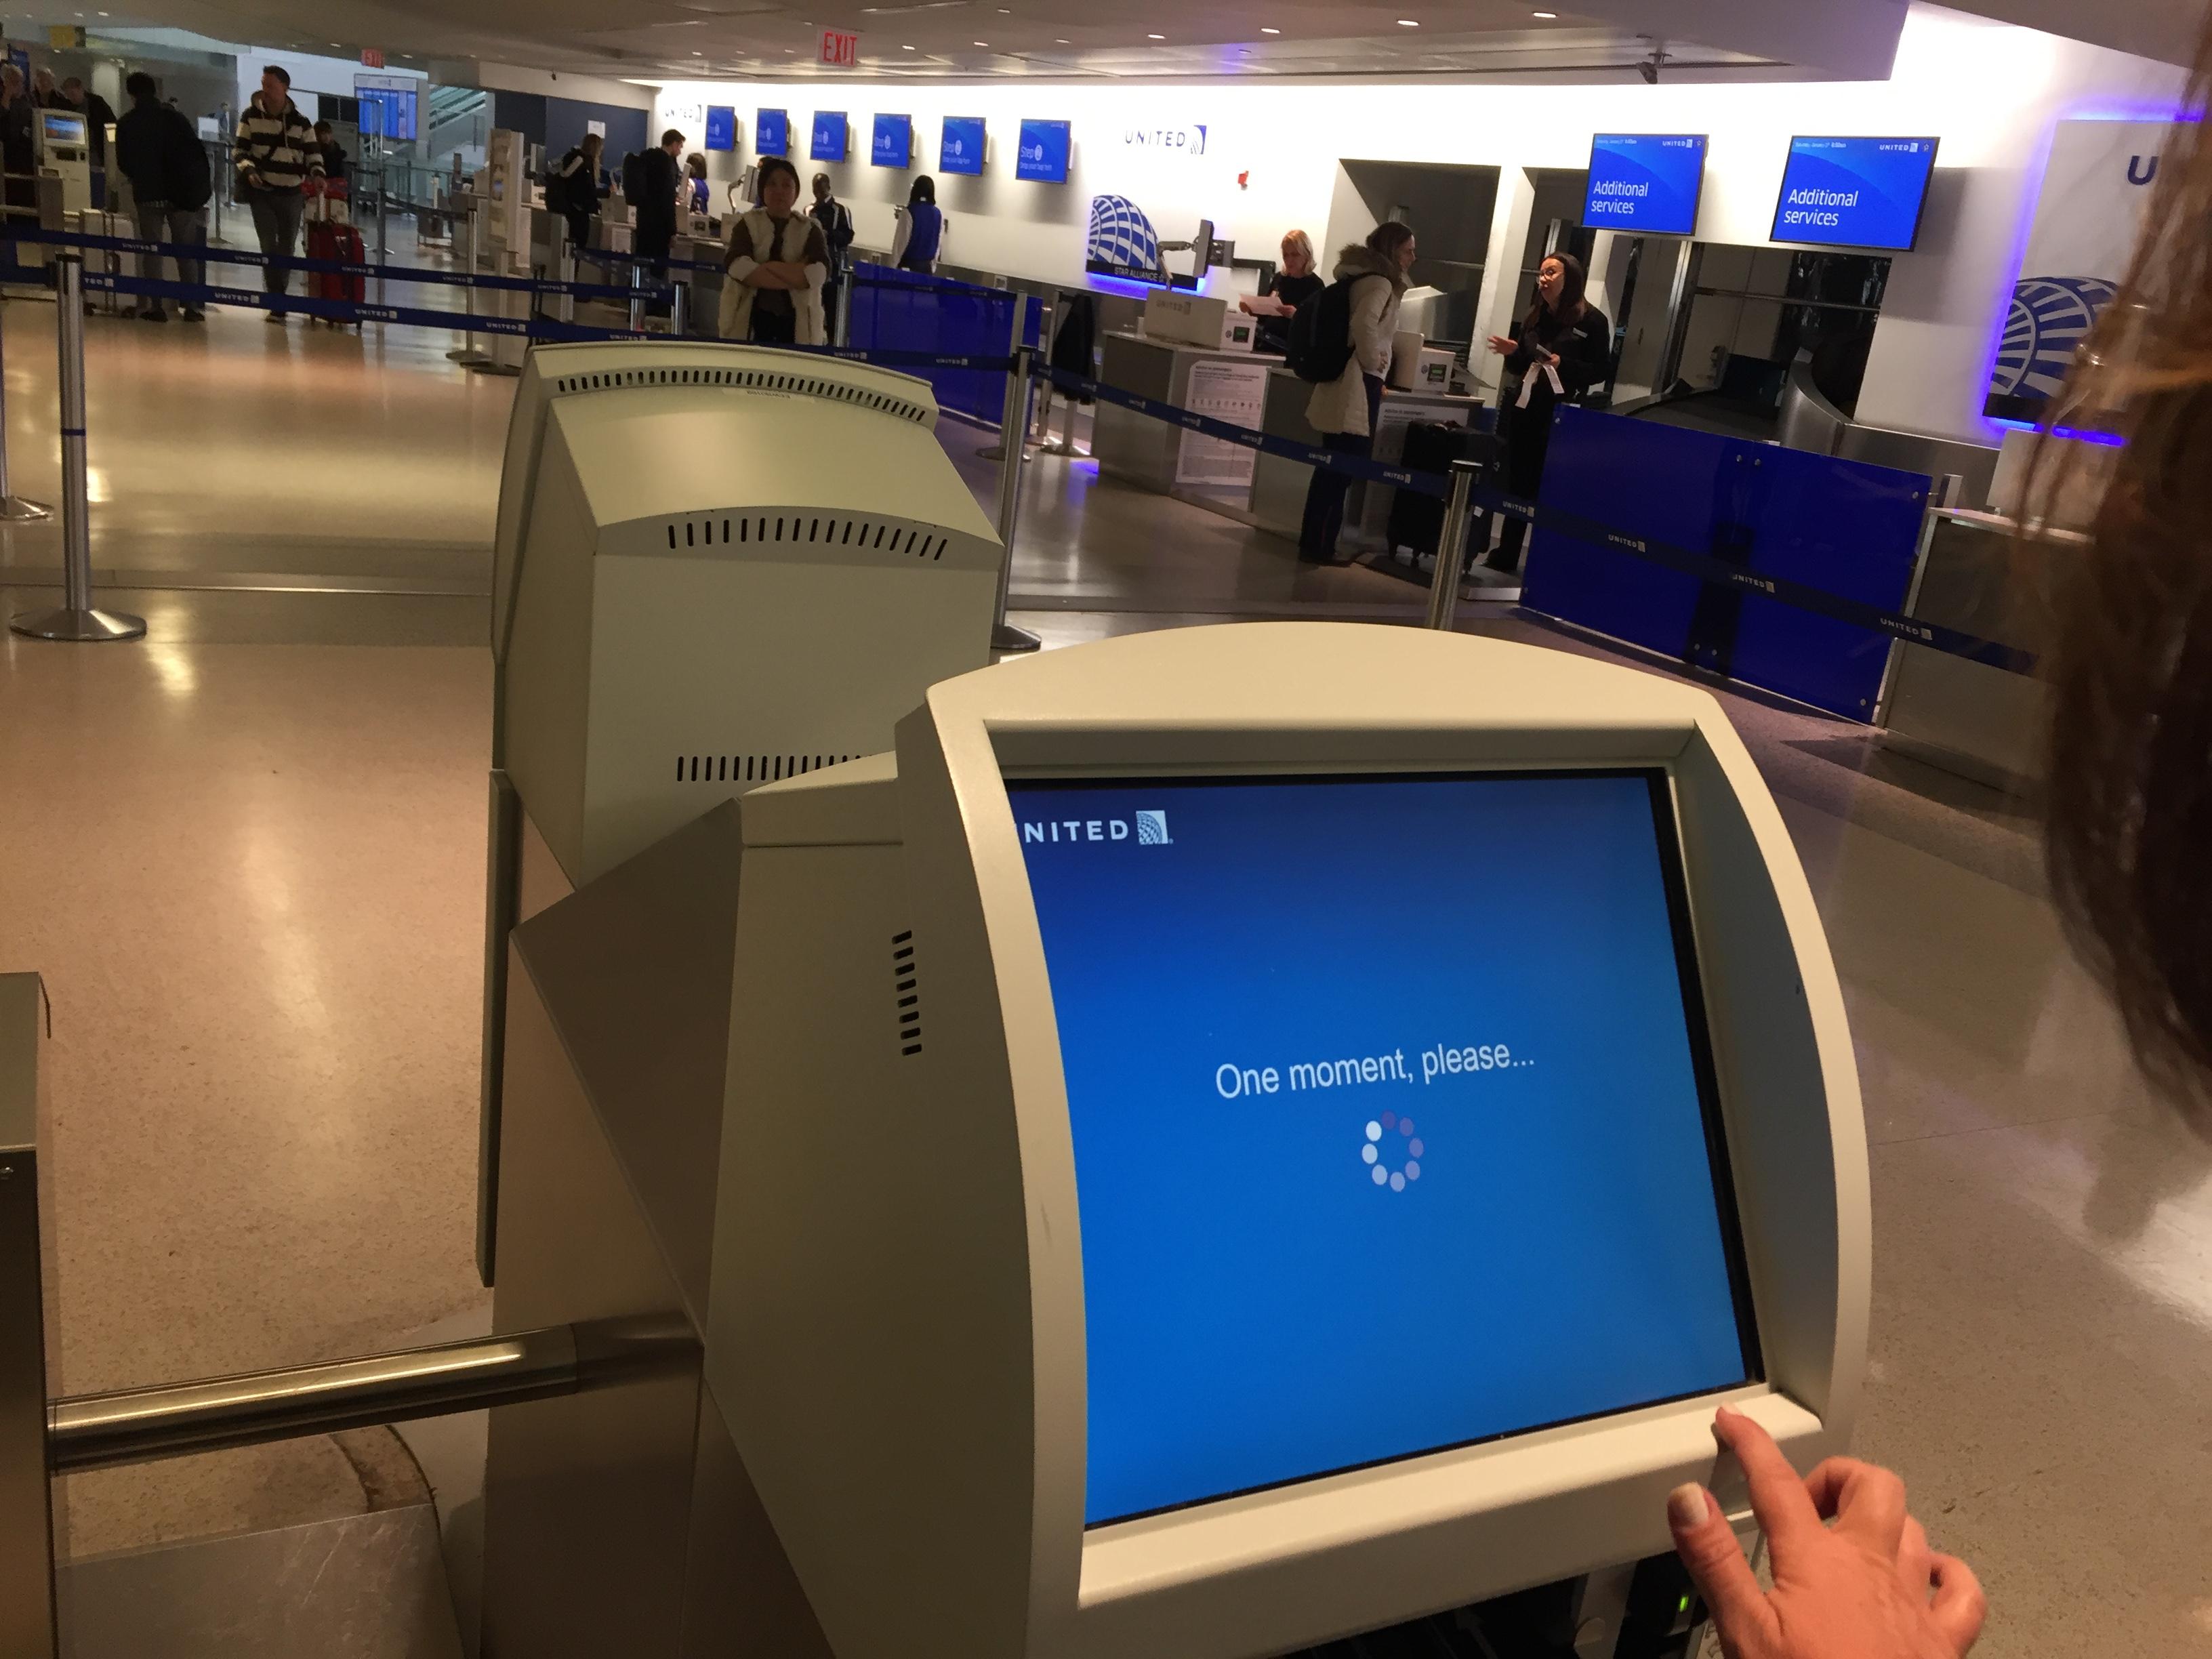 IMG 3573 - Haciendo el check in automático de United en Newark